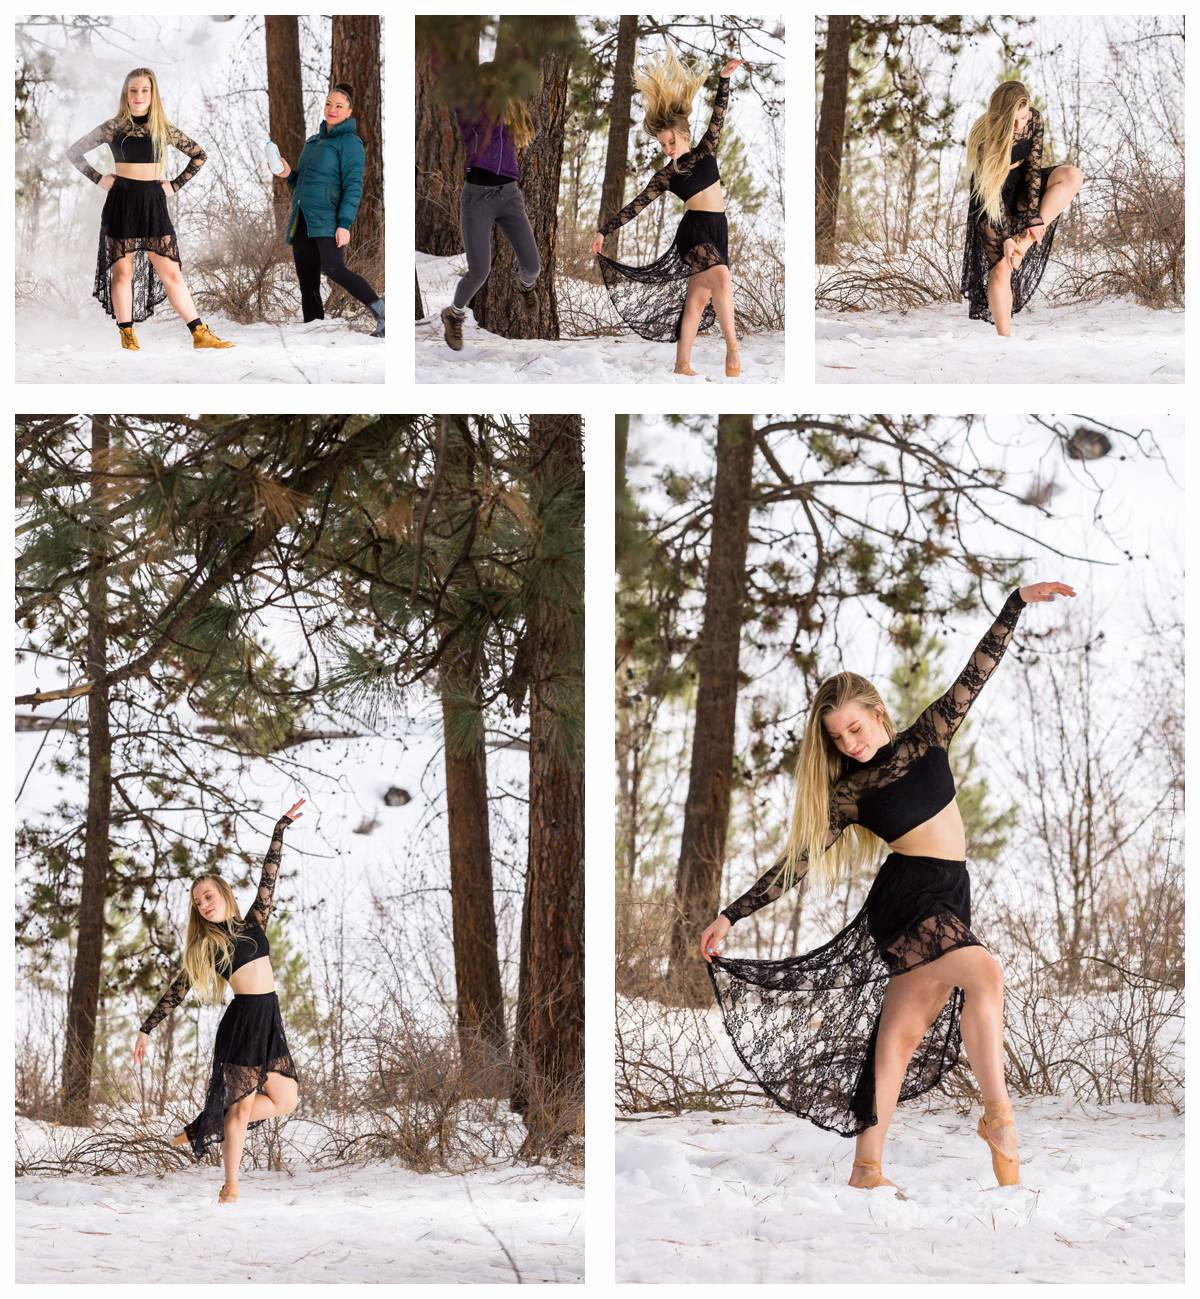 shevlin park ballerinas 1.jpg